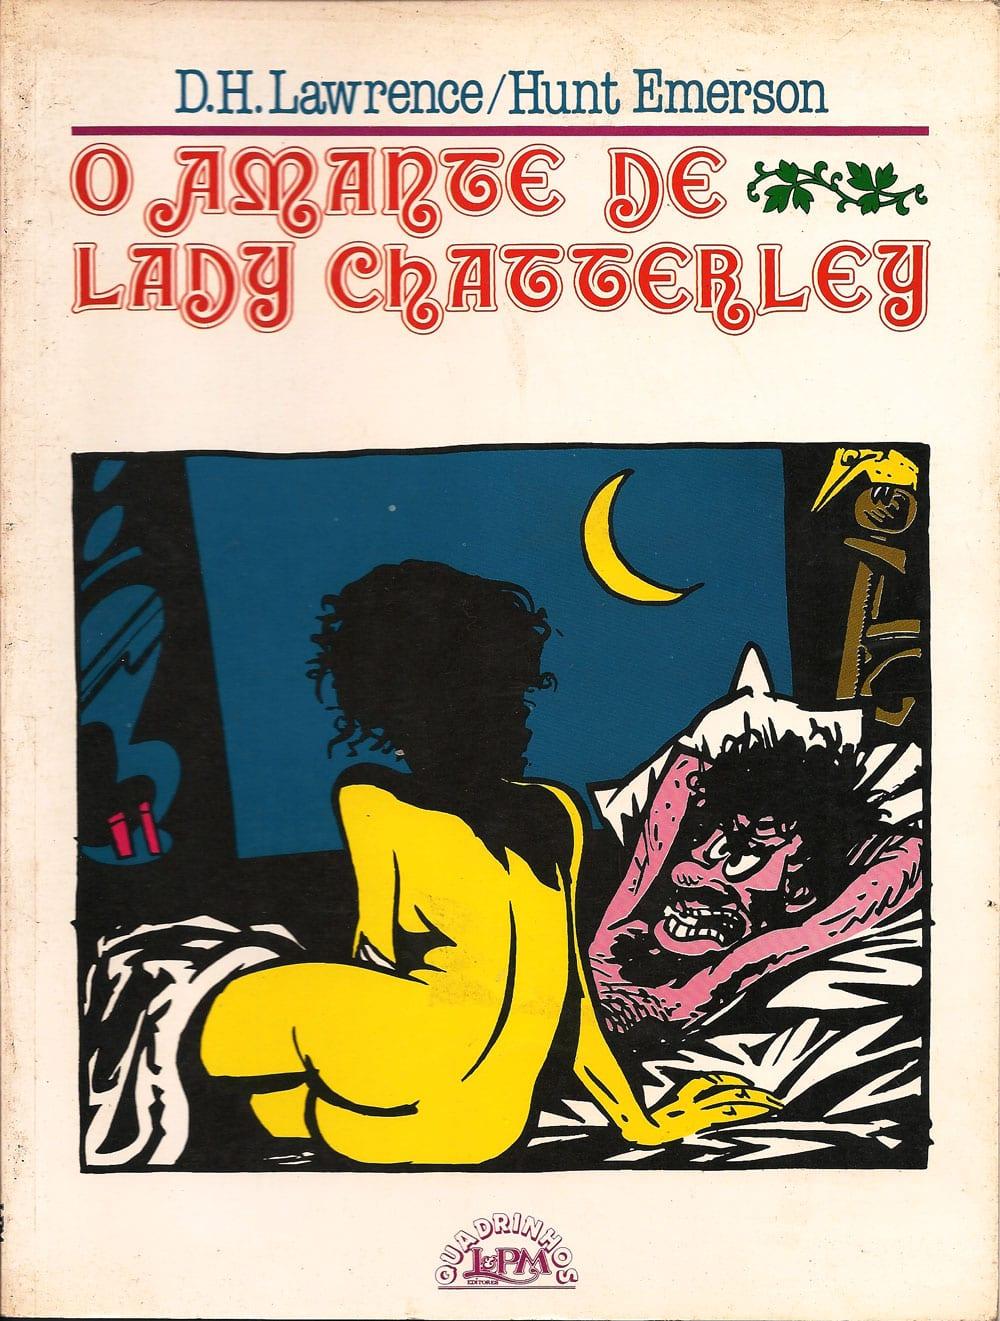 Capa: O Amante de Lady Chatterley